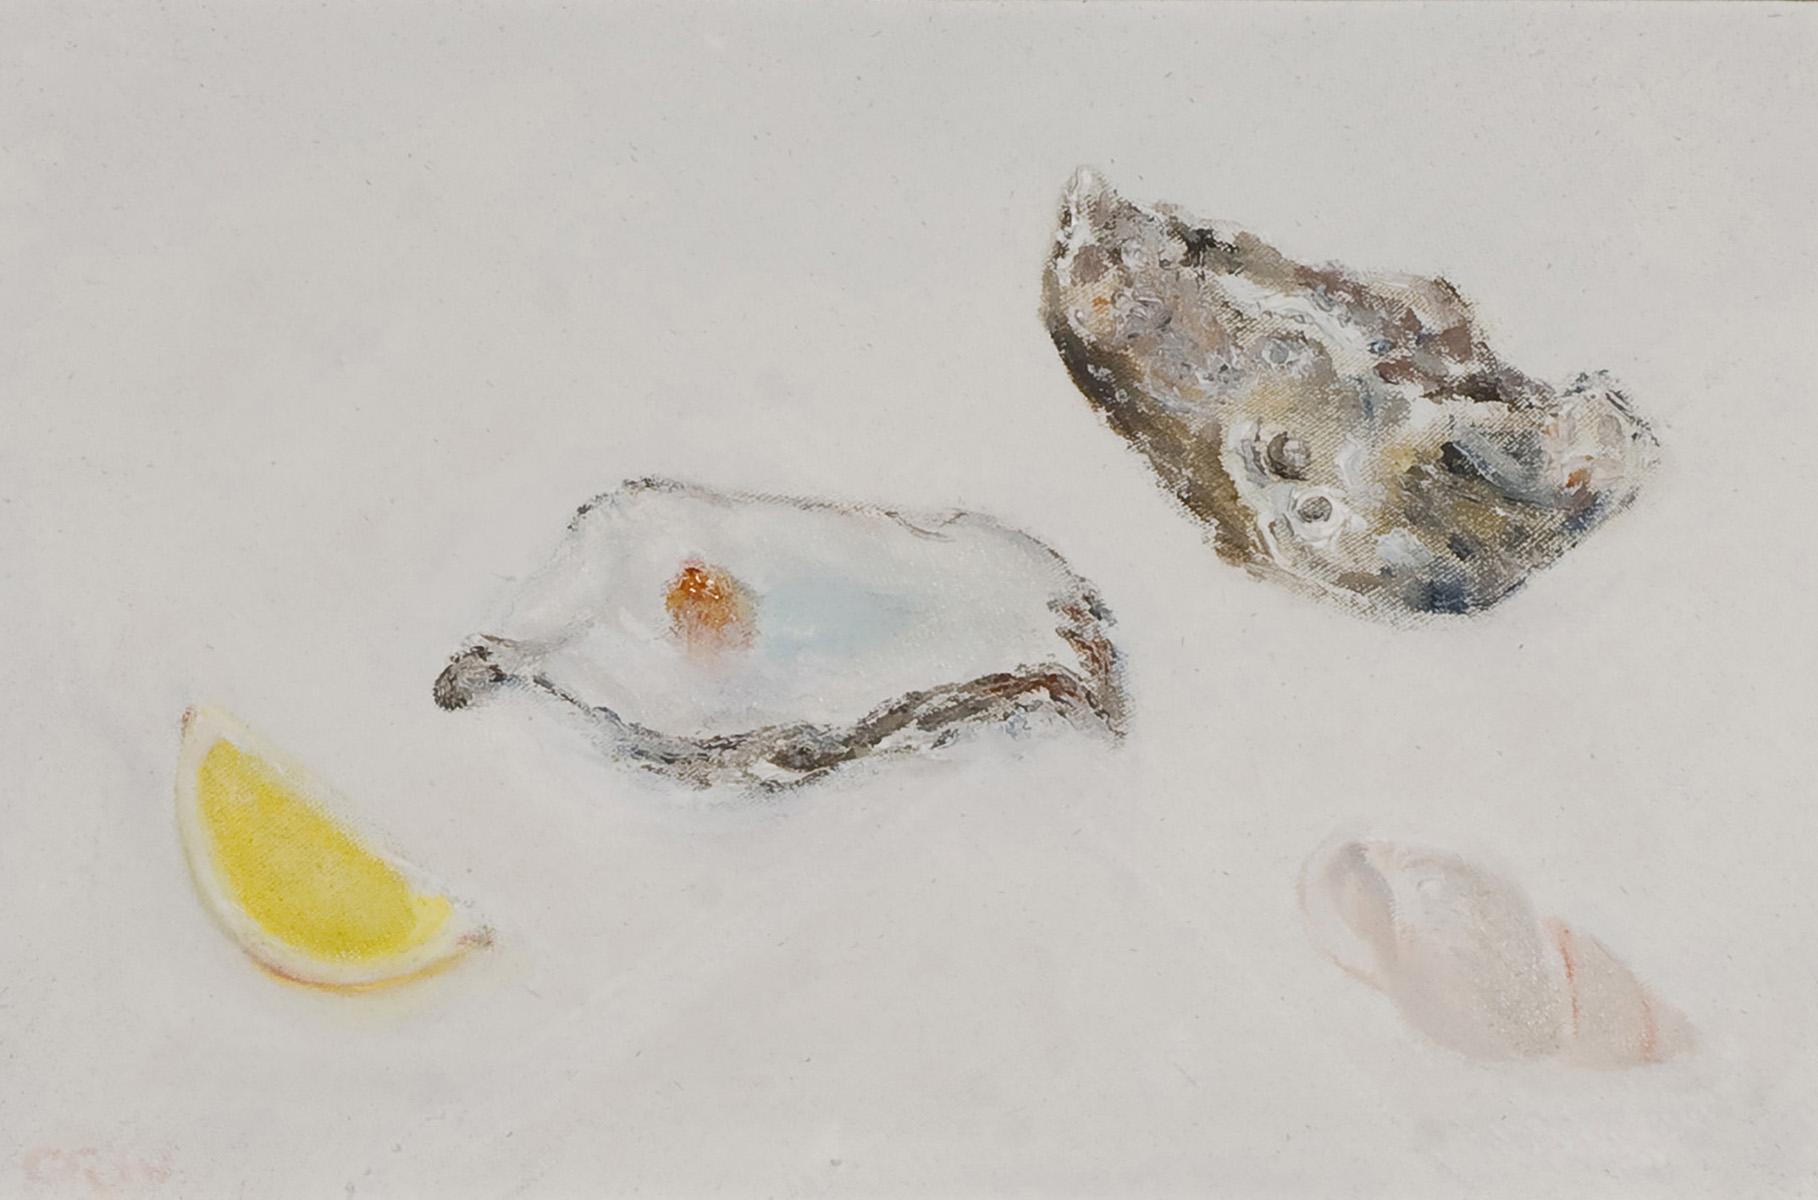 Quaglino's Oyster